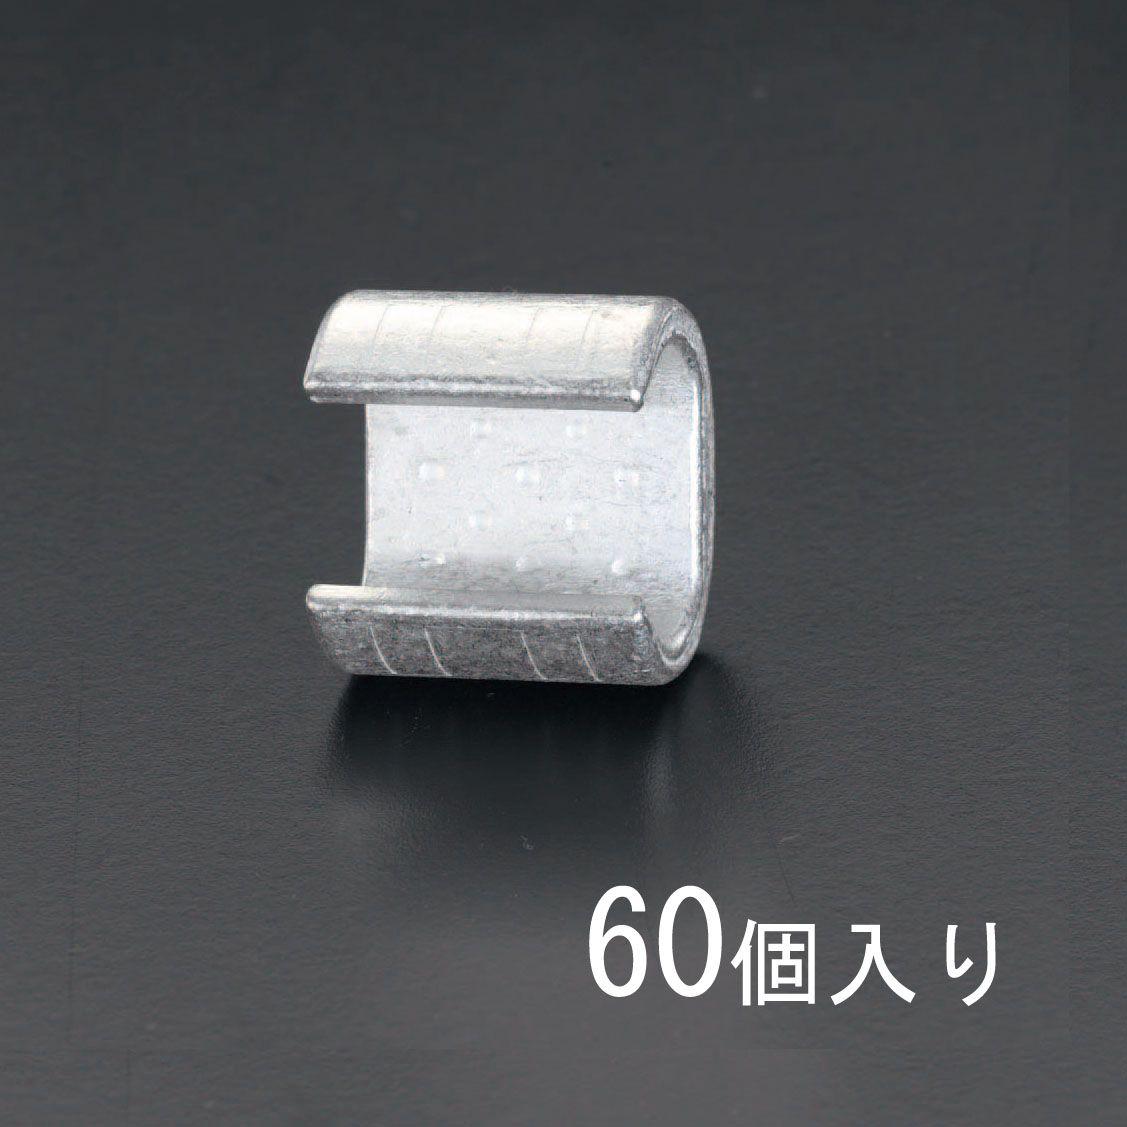 【メーカー在庫あり】 エスコ ESCO 77.0-98.0mm2 T形コネクター(60個) 000012027194 JP